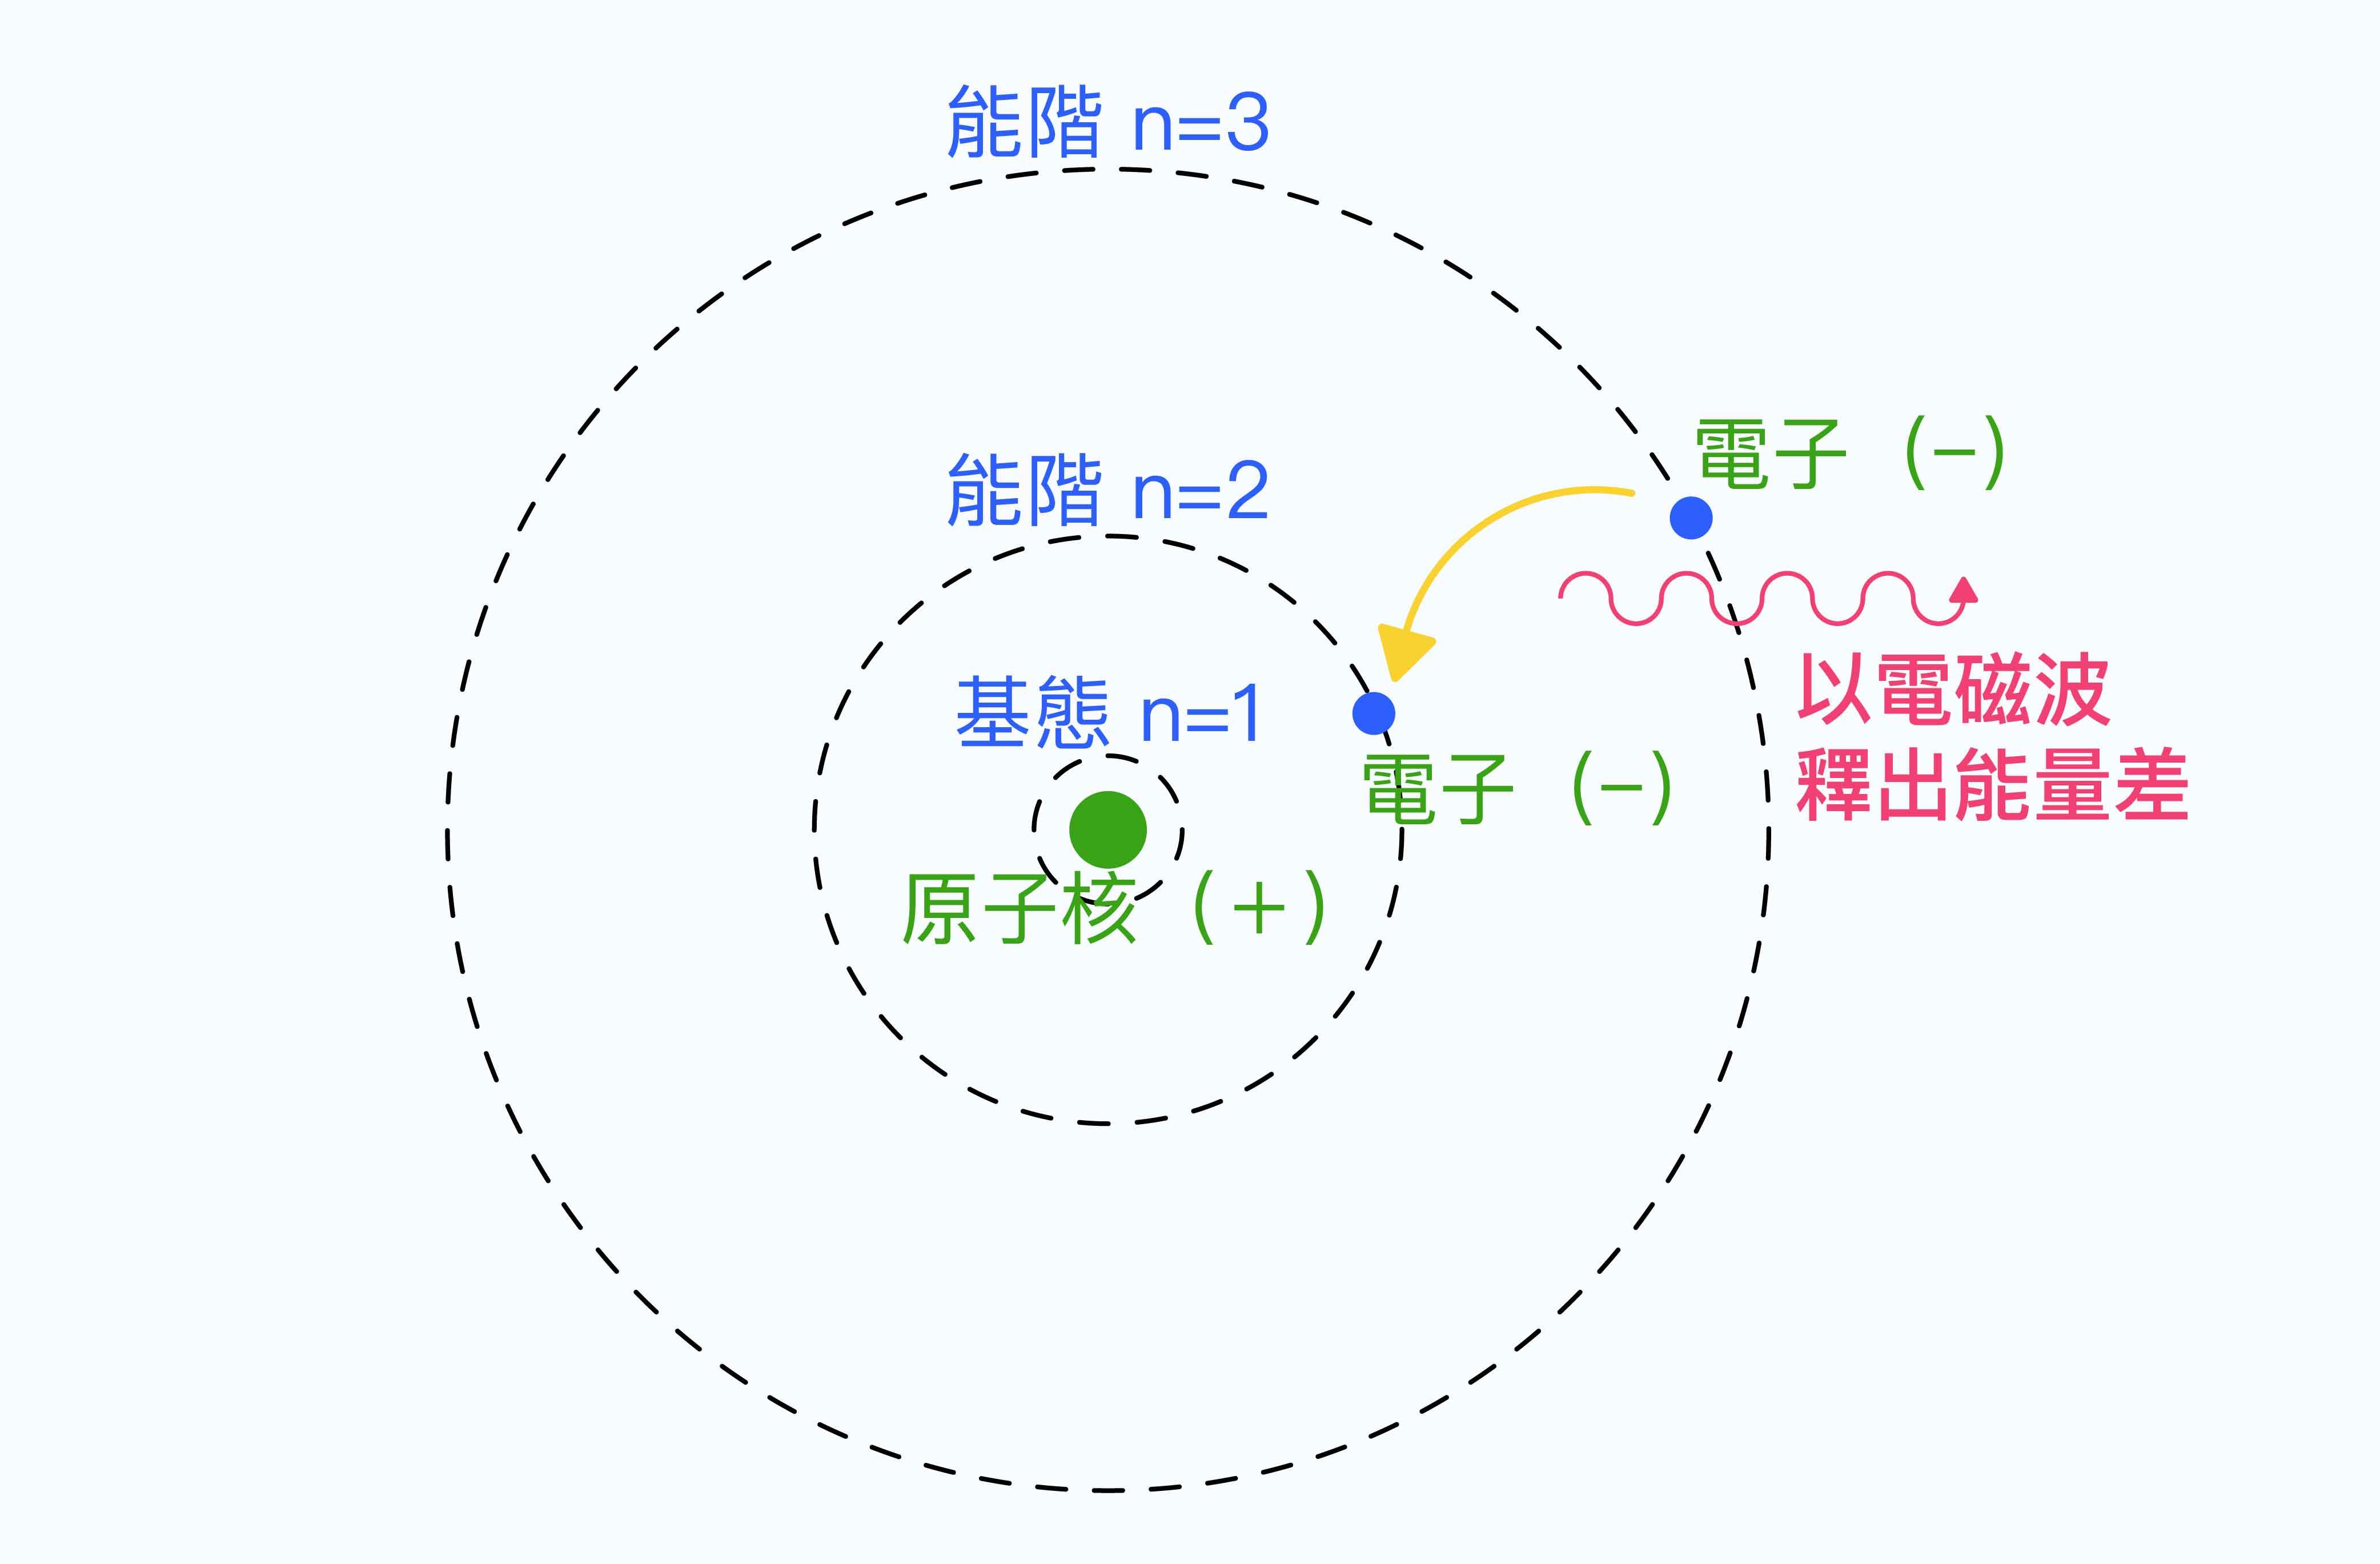 按照氫原子或類氫原子的波耳模型,當環繞的電子從「能階較高」的軌道,躍遷到「能階較低」的軌道時,會以電磁波的形式釋出能量差。圖│研之有物(資料來源│WillowW)